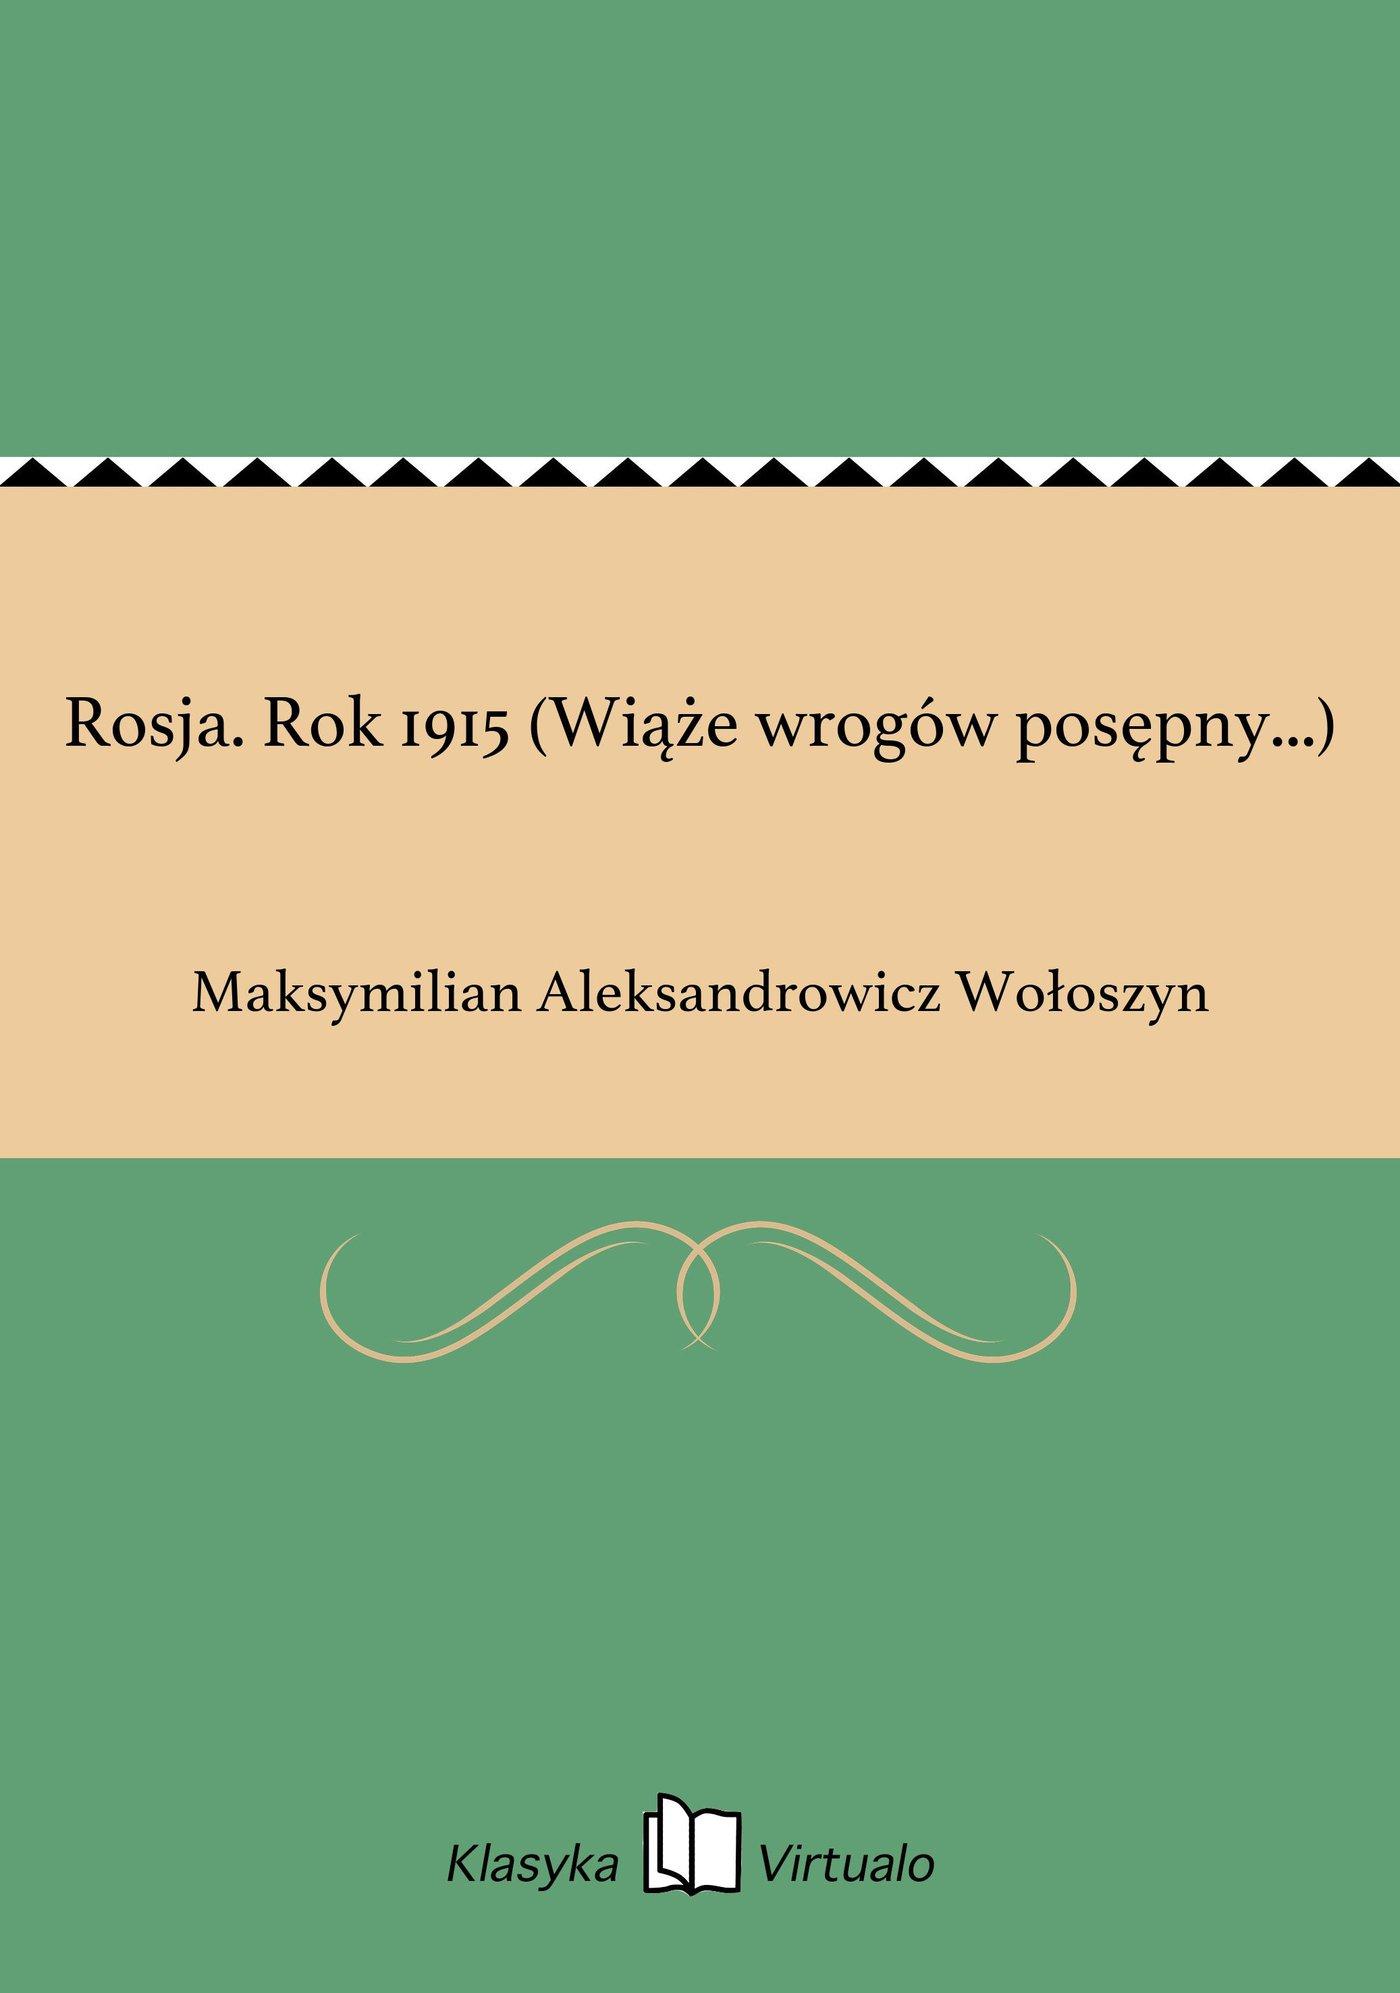 Rosja. Rok 1915 (Wiąże wrogów posępny...) - Ebook (Książka na Kindle) do pobrania w formacie MOBI